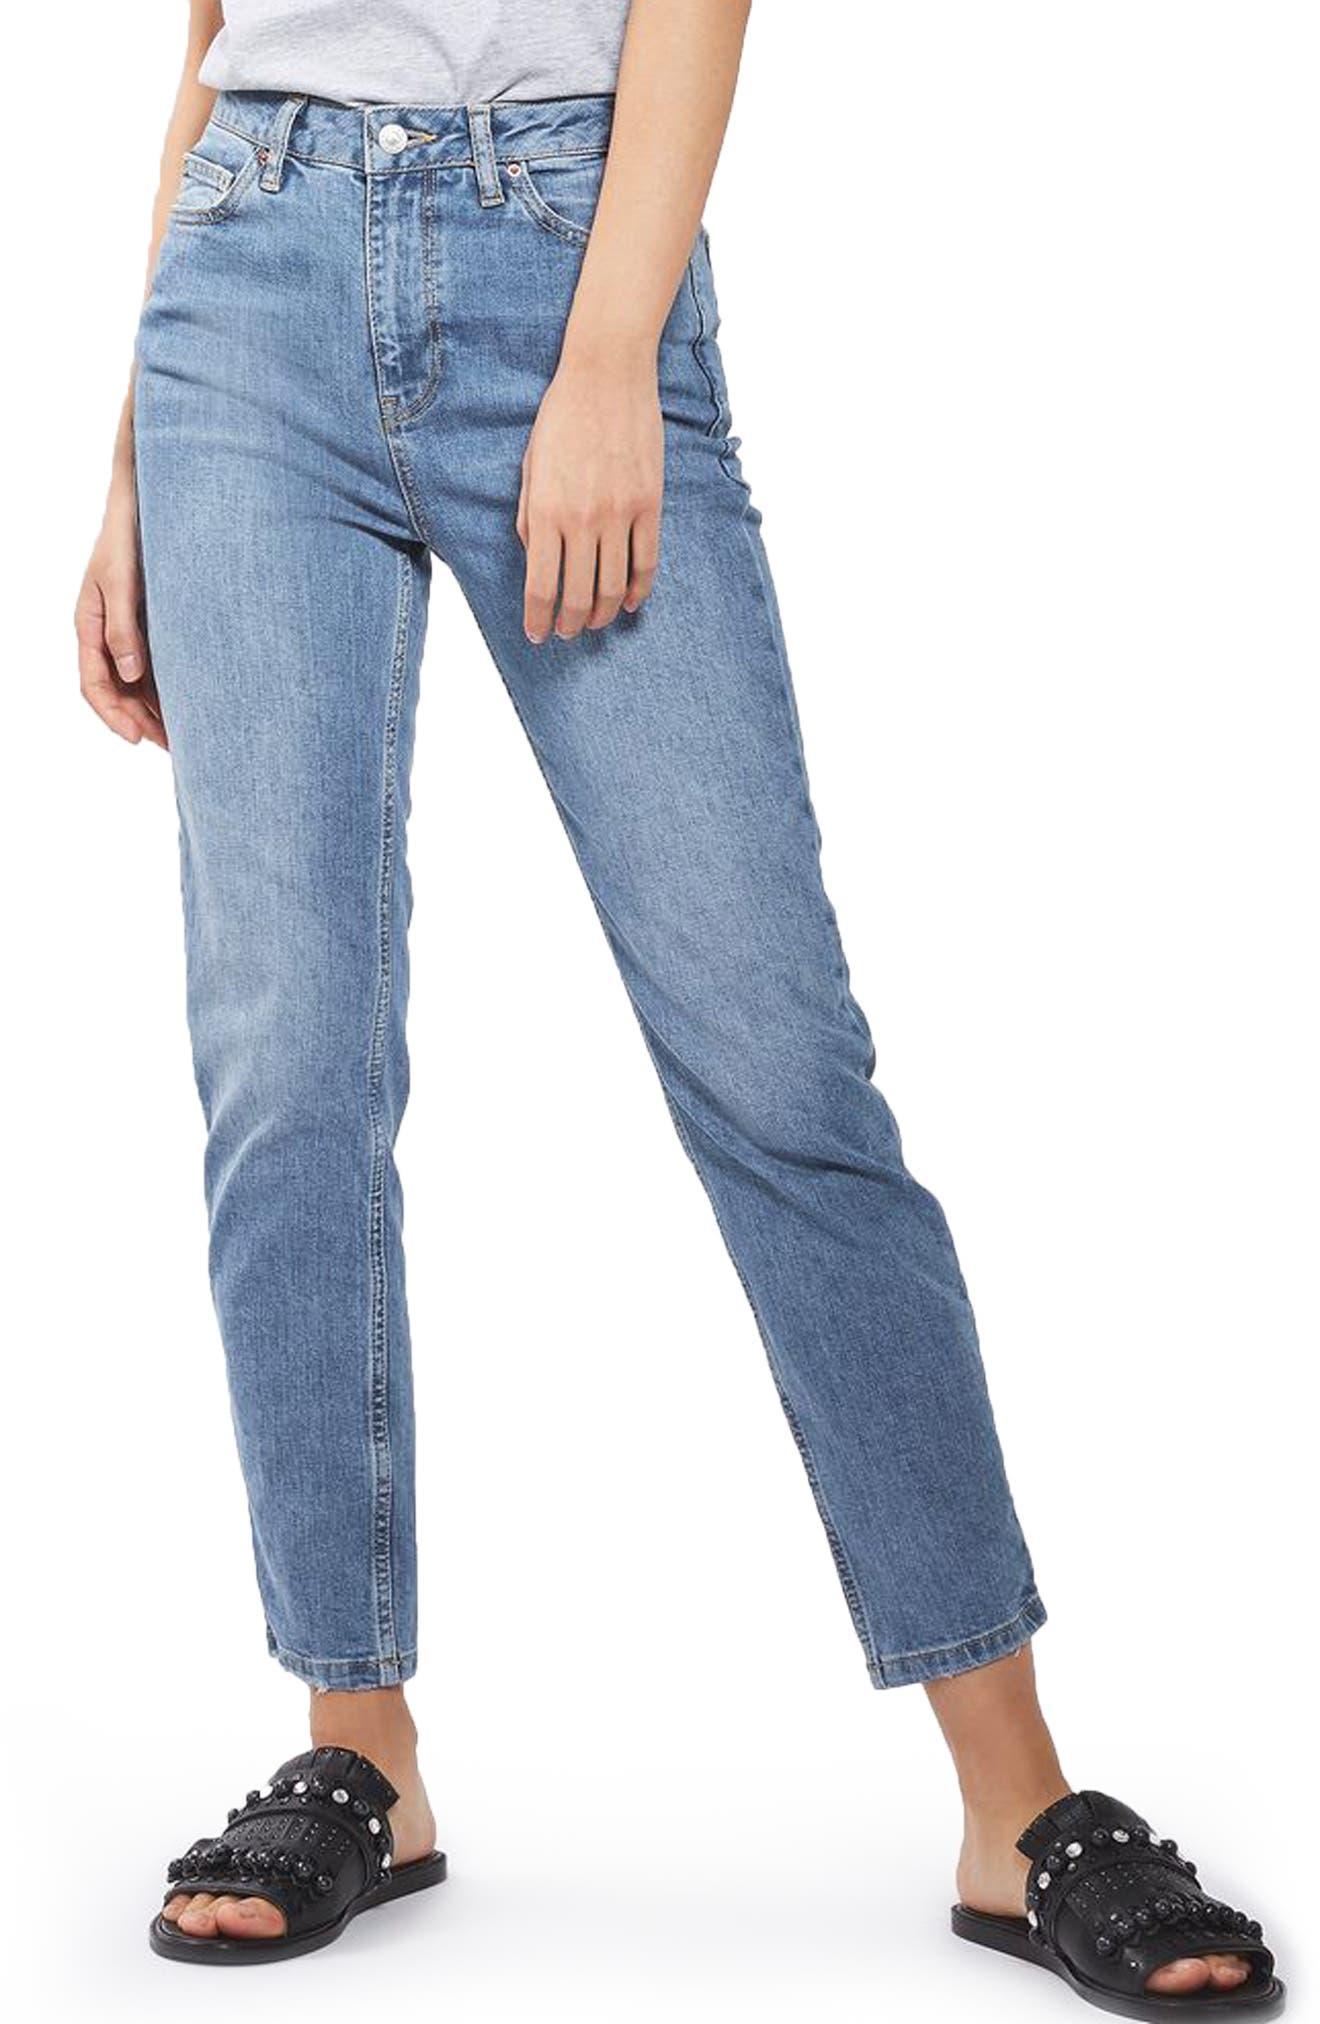 Orson Slim Fit Jeans,                         Main,                         color, Mid Denim